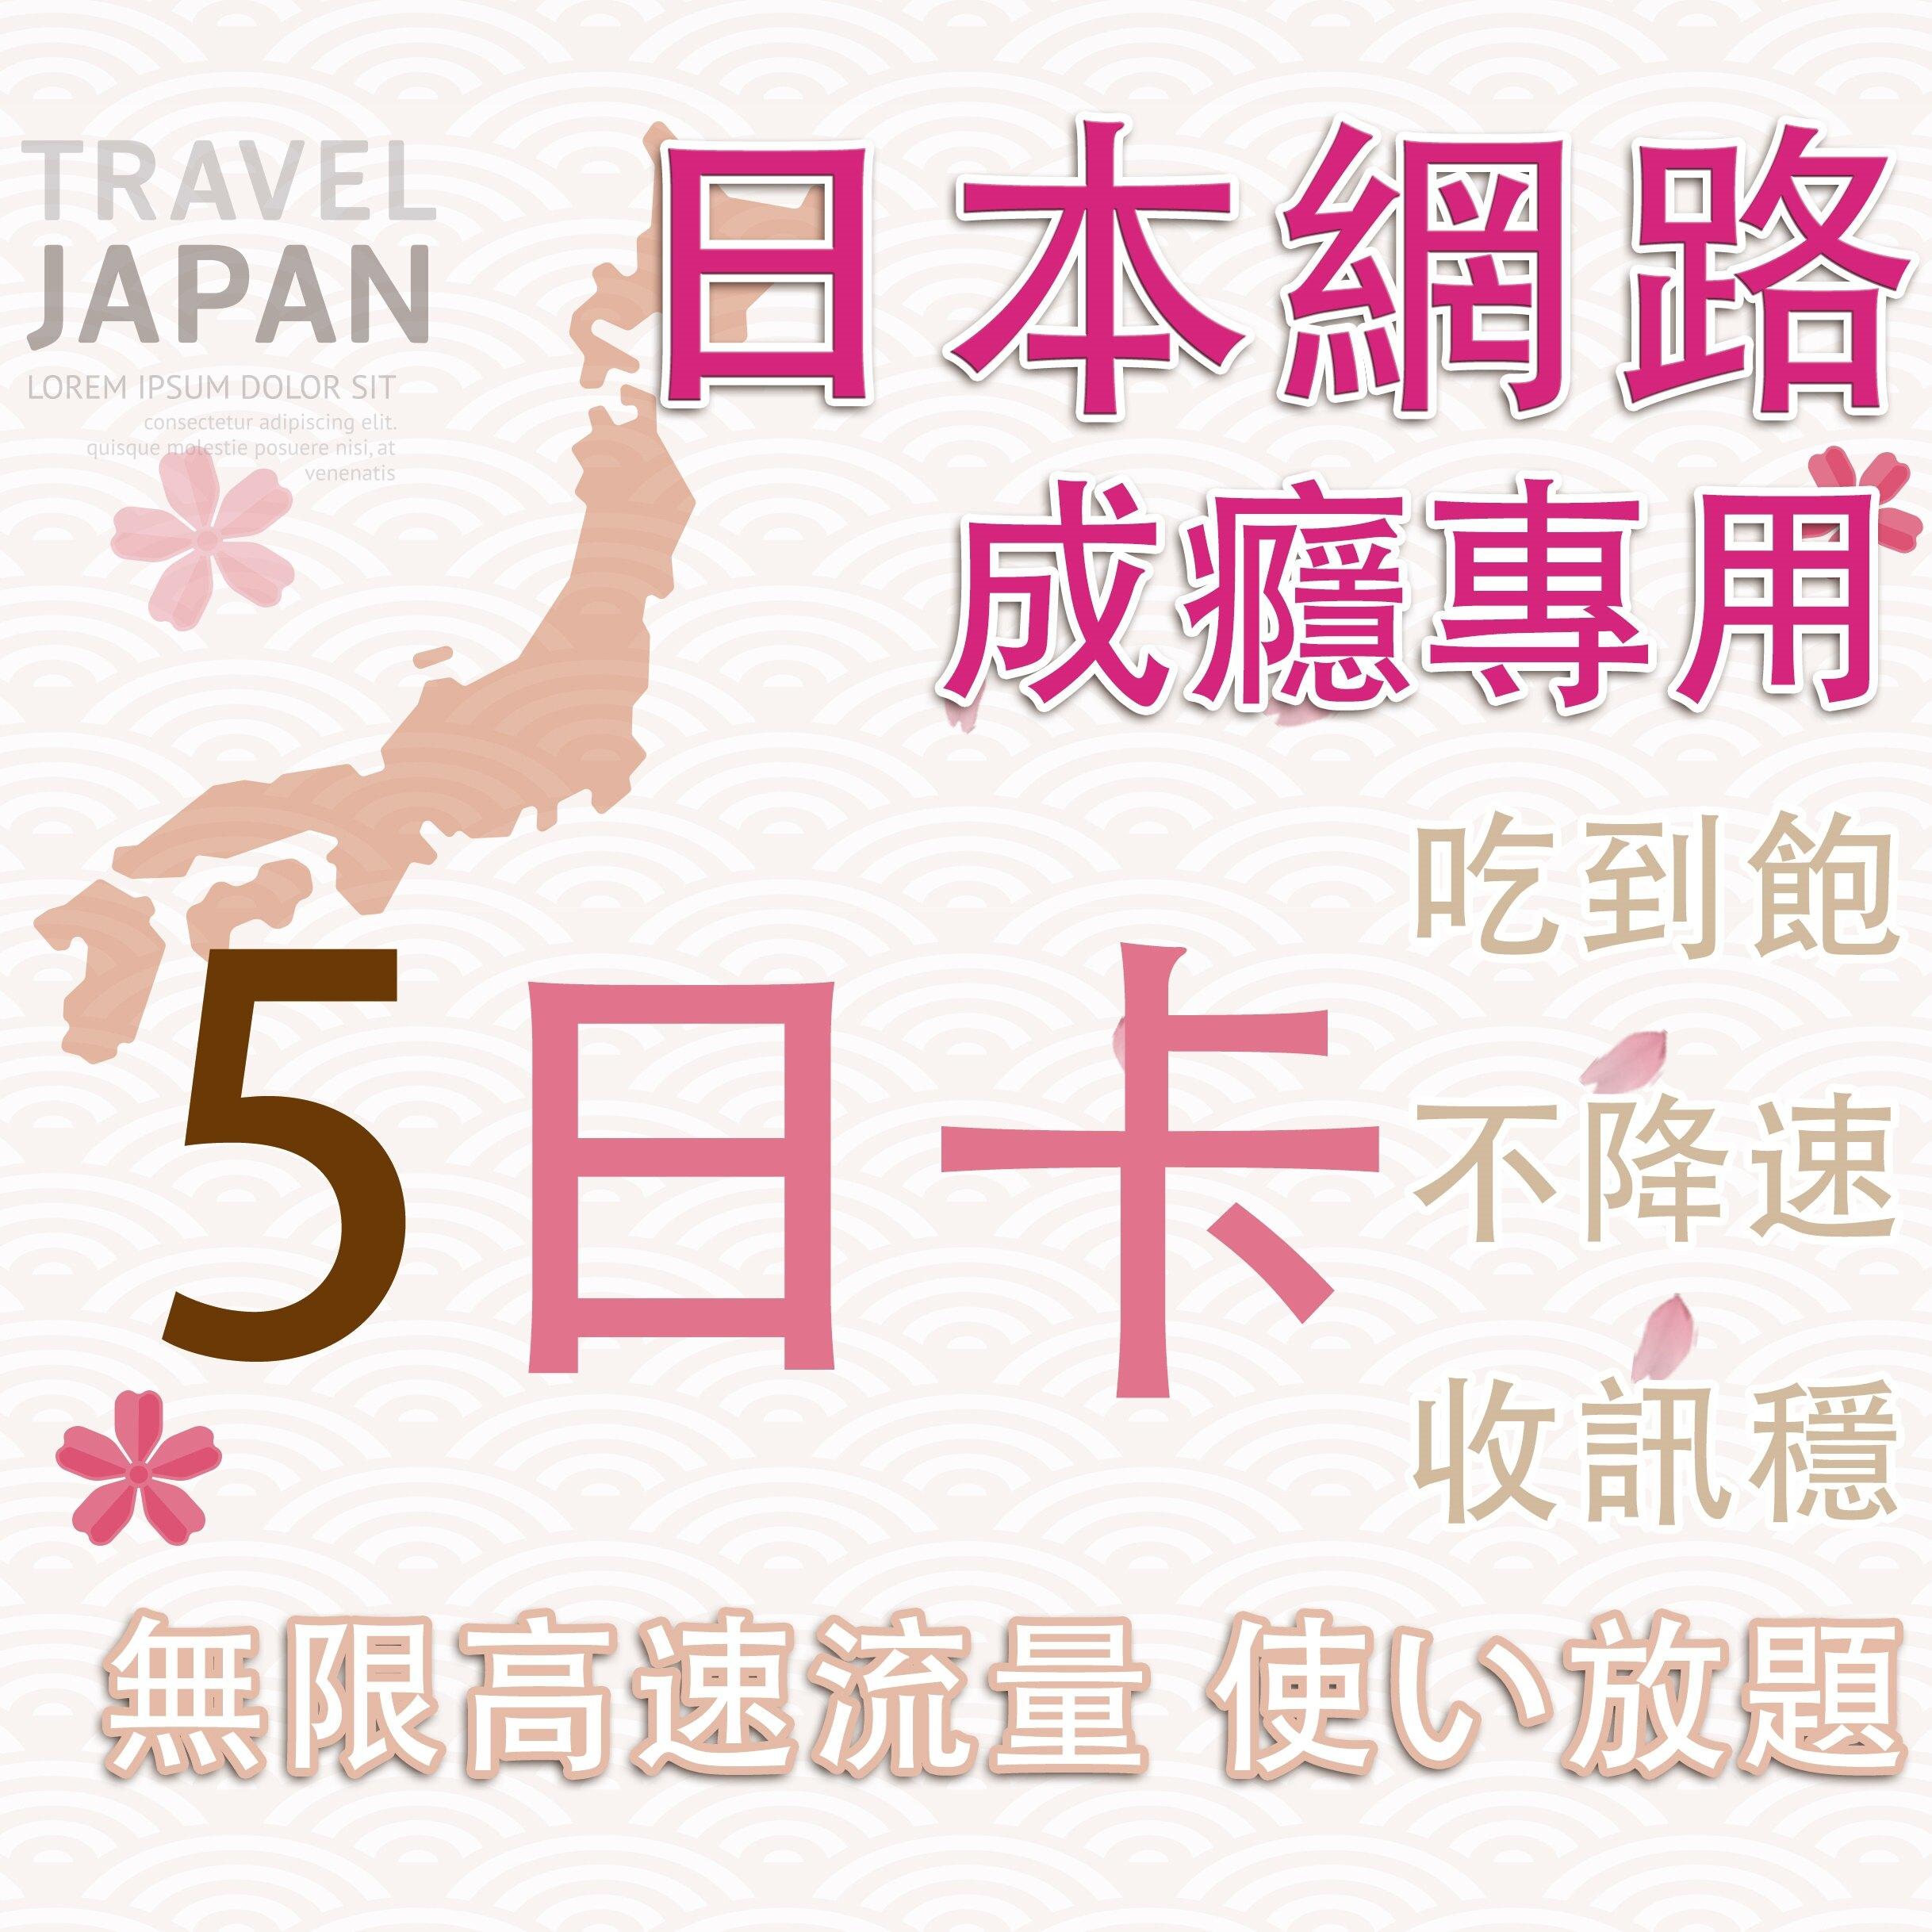 5天日本上網中毒者專用高速4G不降速吃到飽方案/日本網卡吃到飽/日本網路卡。人氣店家瘋旅遊全球網卡的日本旅遊系列有最棒的商品。快到日本NO.1的Rakuten樂天市場的安全環境中盡情網路購物,使用樂天